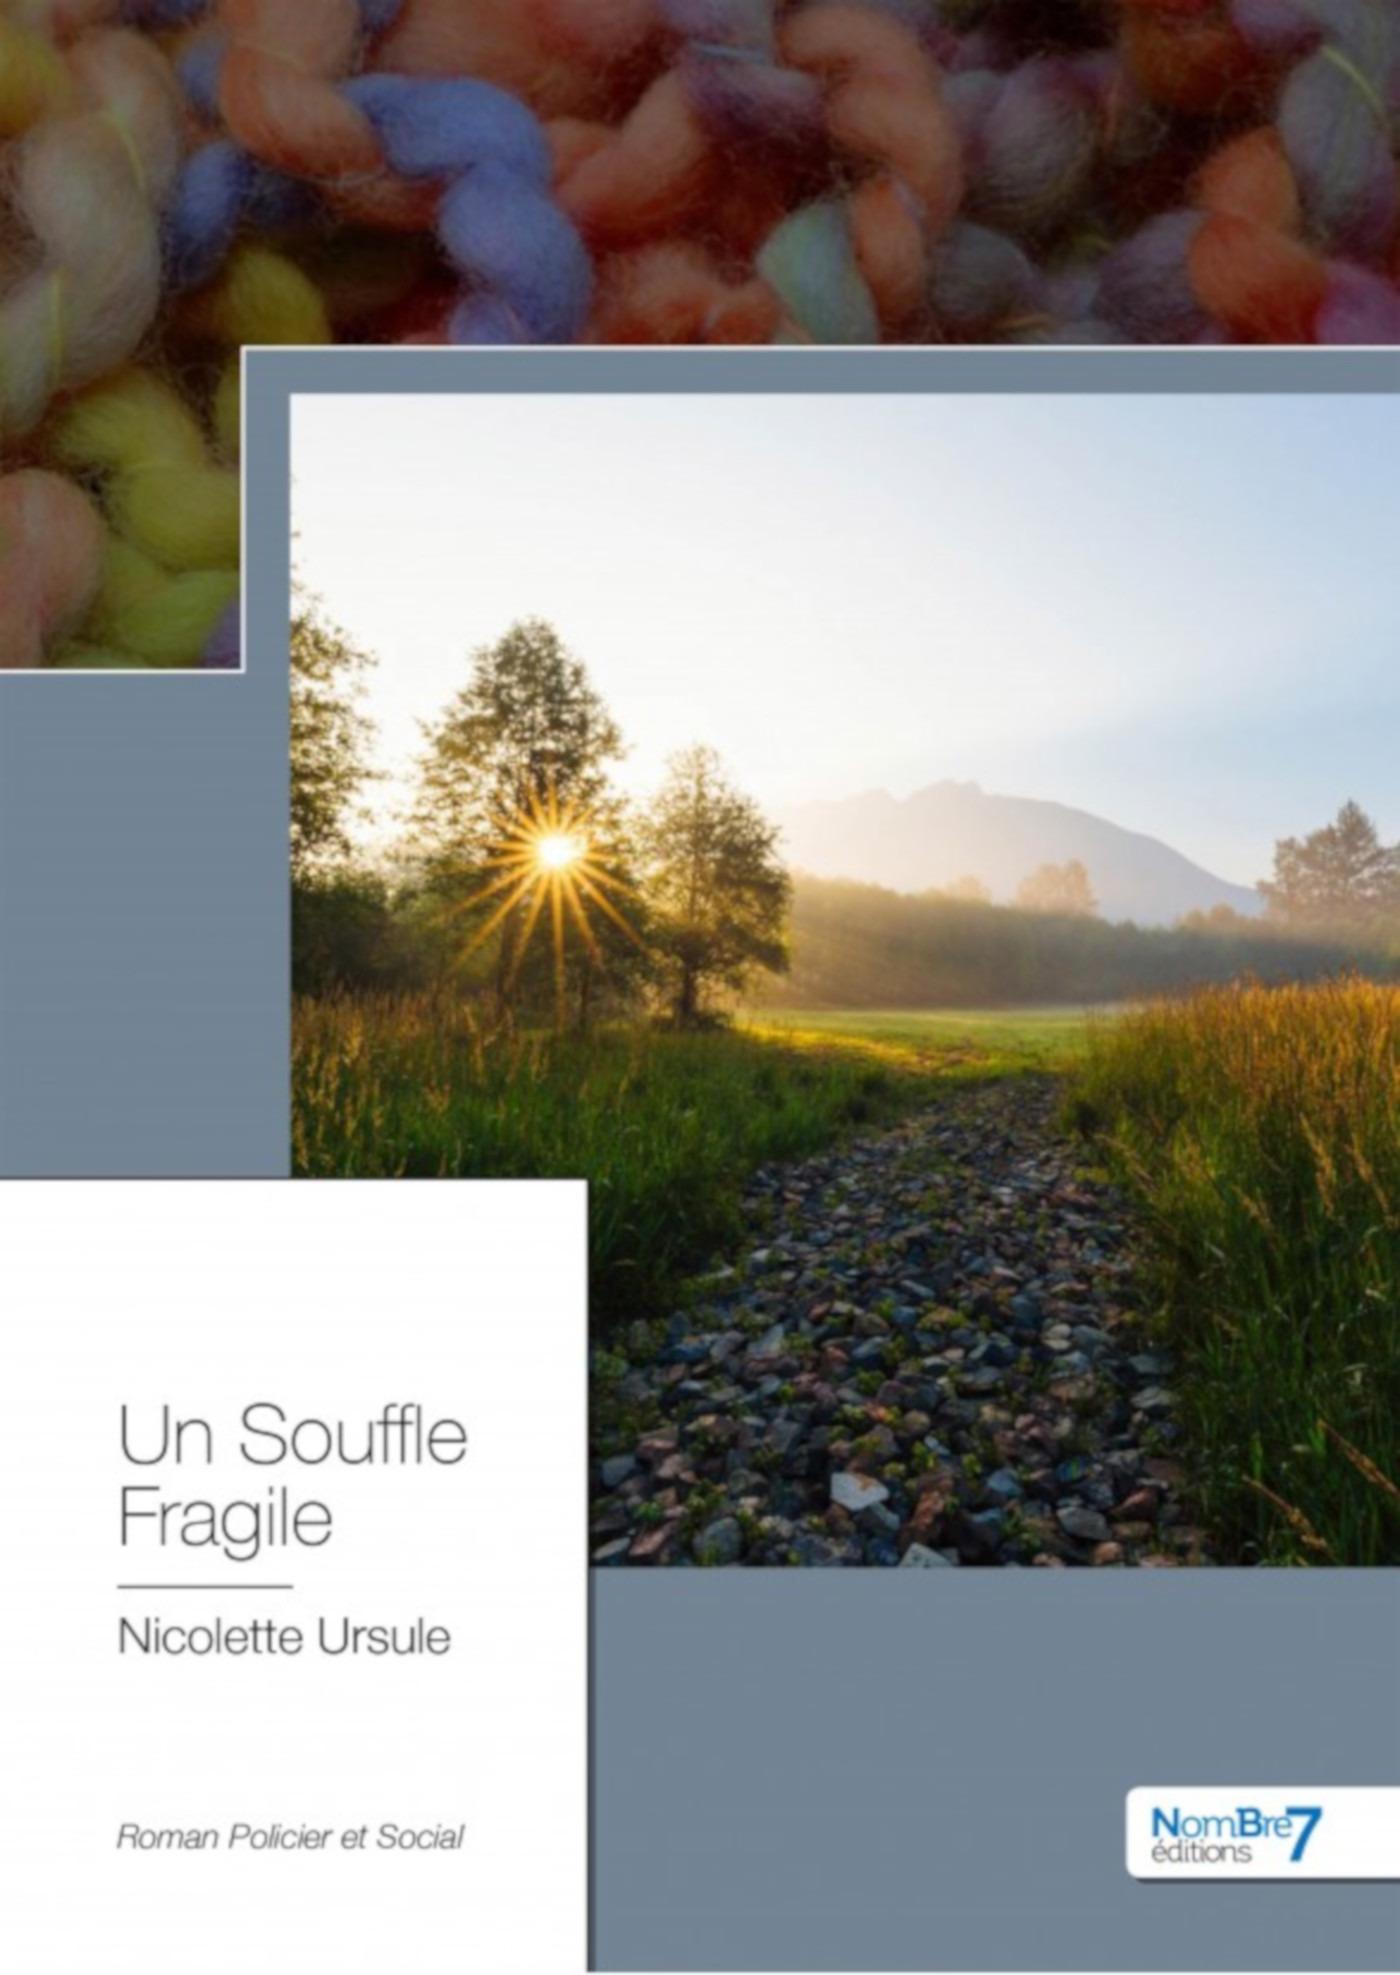 Un souffle fragile  - Nicolette Ursule